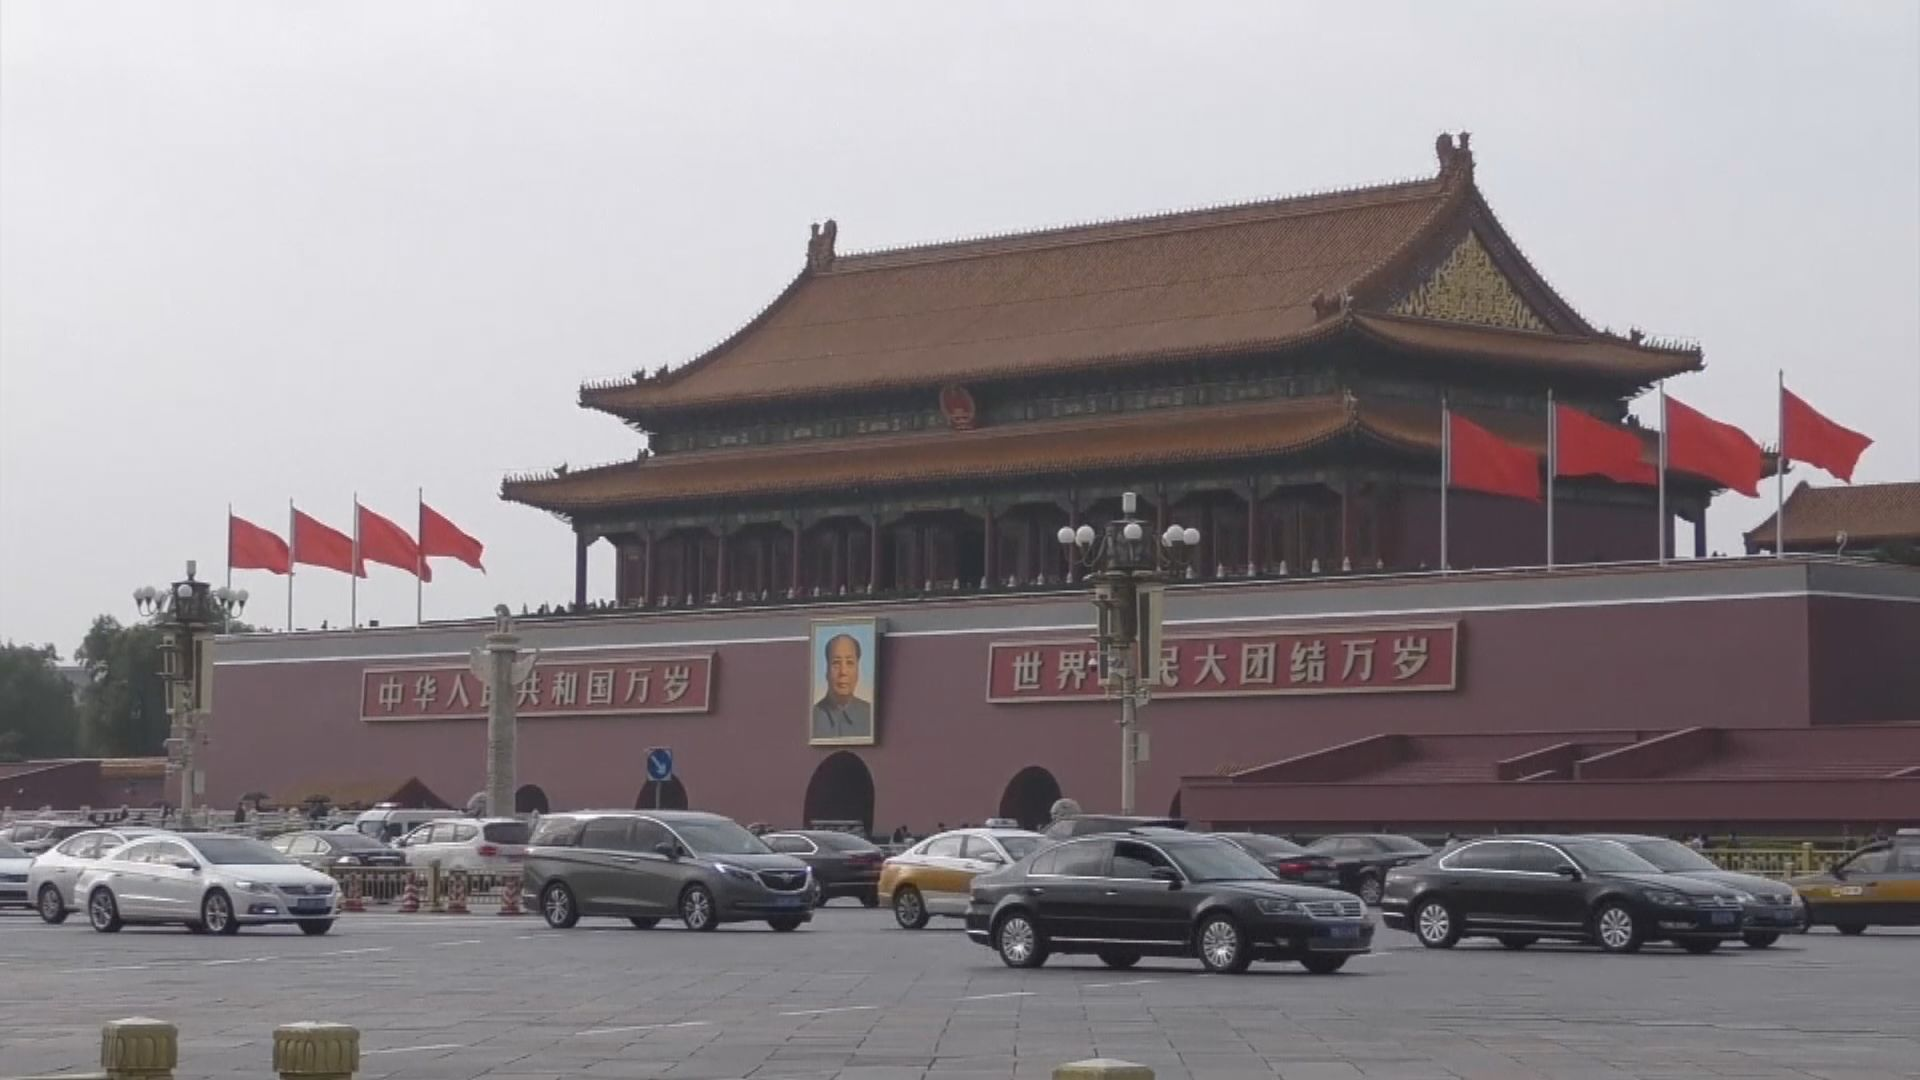 北京將制裁對台售武美國企業